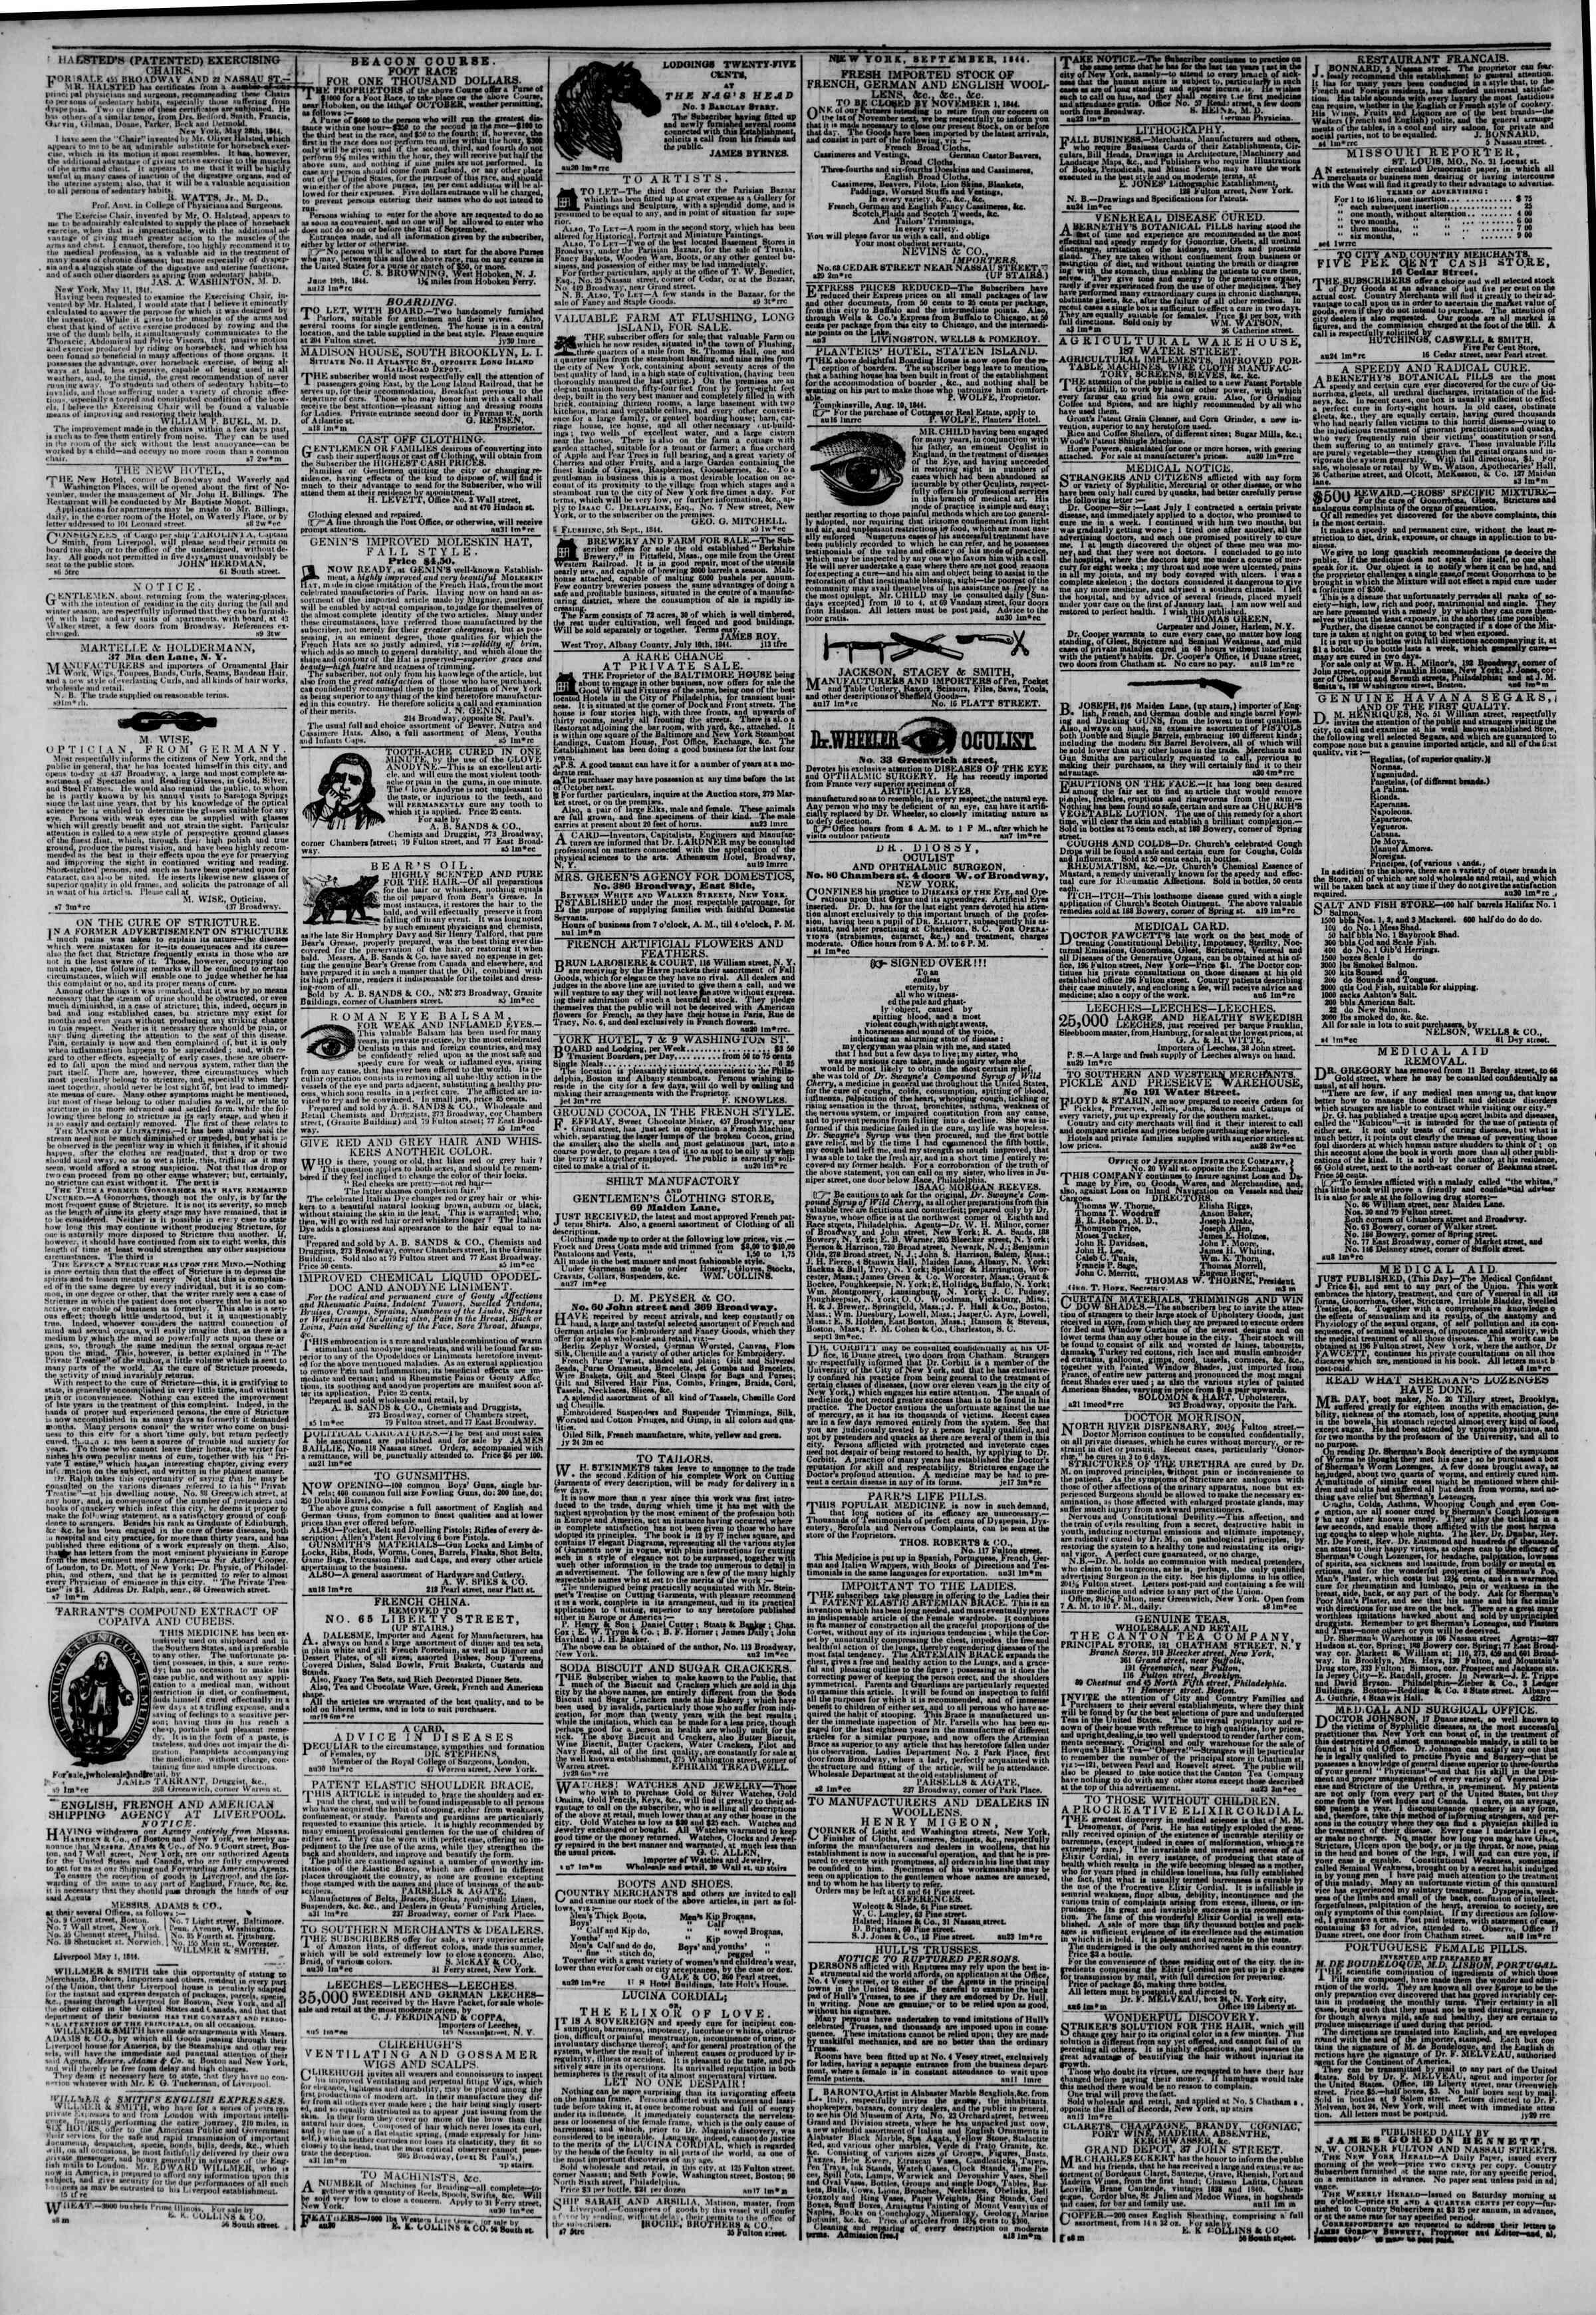 September 10, 1844 Tarihli The New York Herald Gazetesi Sayfa 4